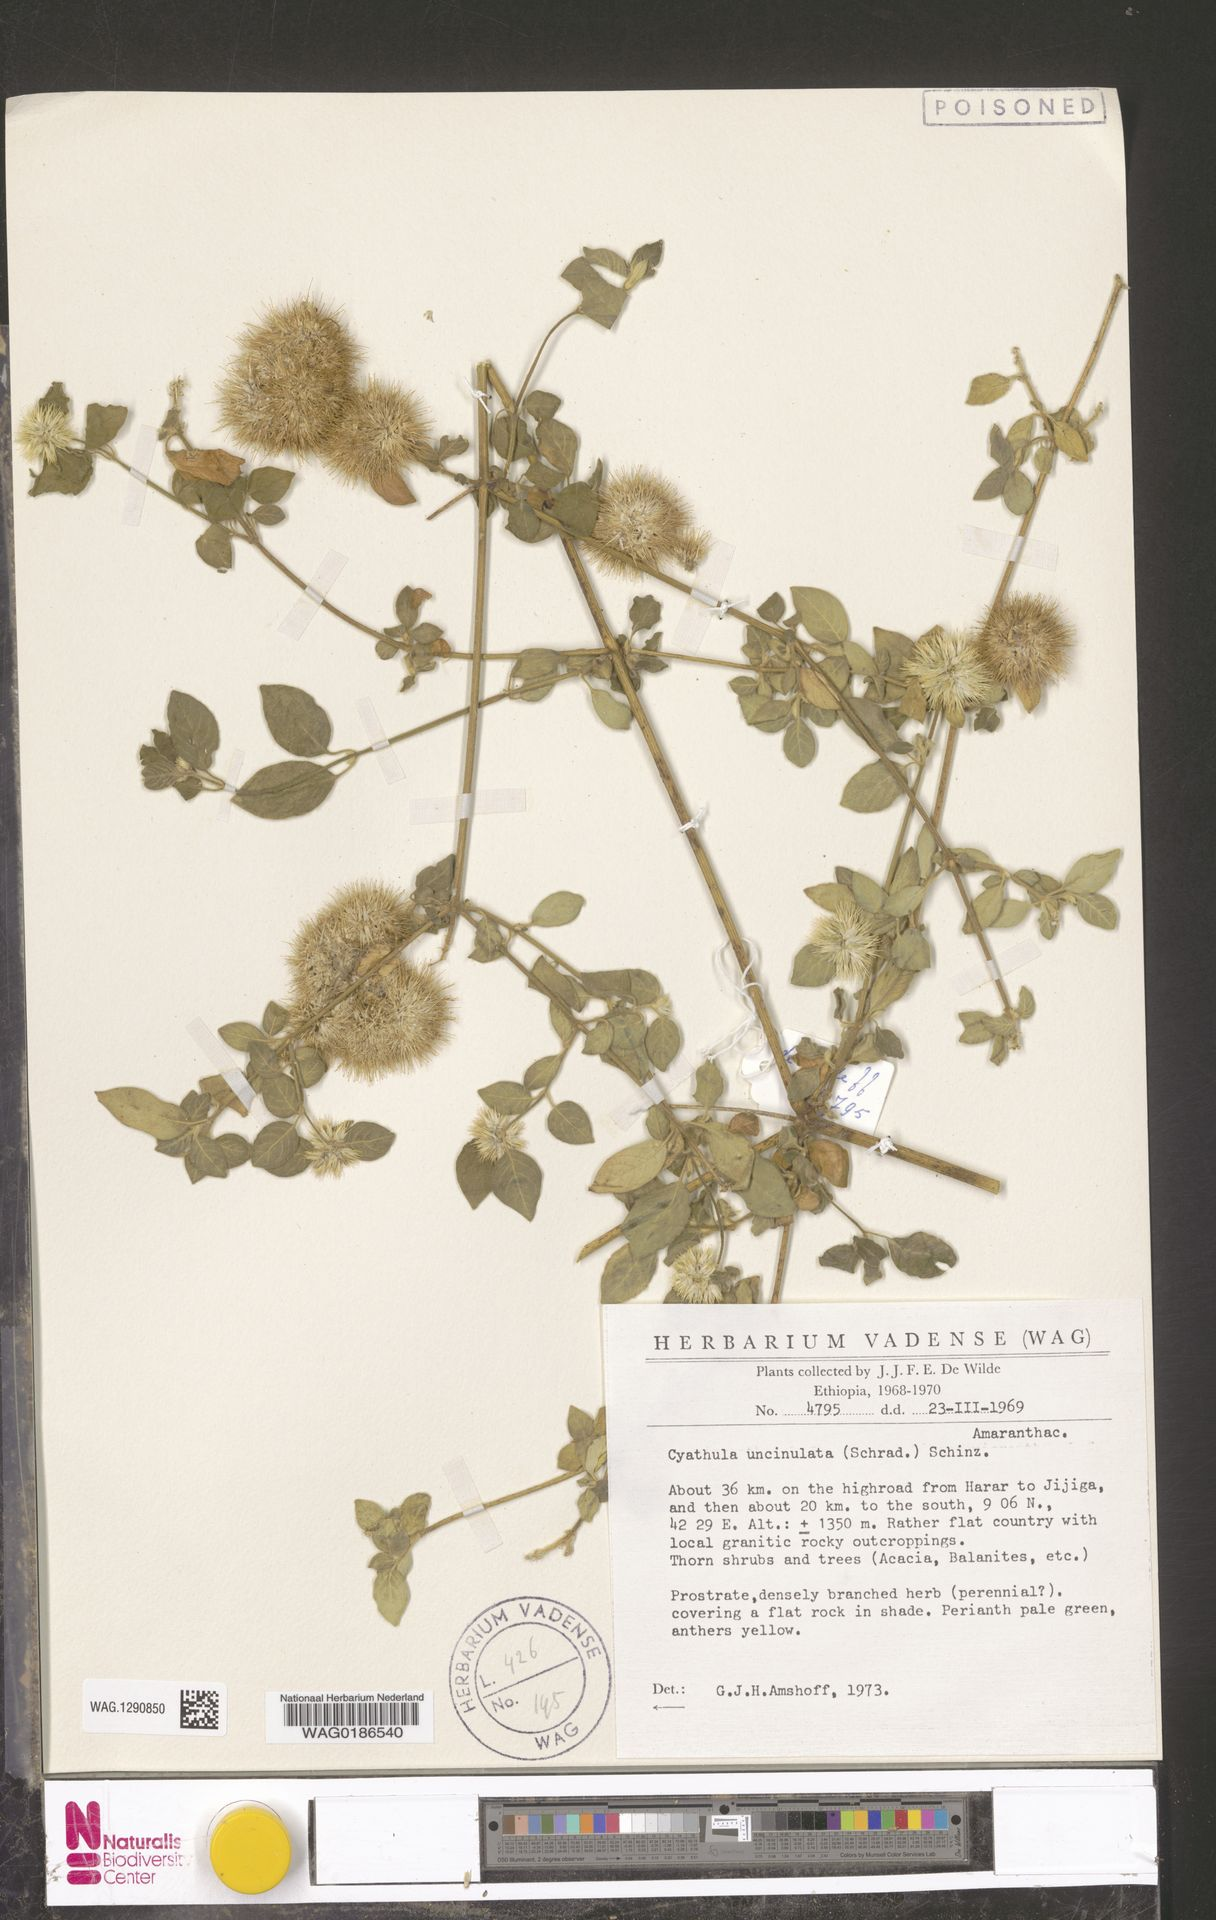 WAG.1290850 | Cyathula uncinulata (Schrad.) Schinz